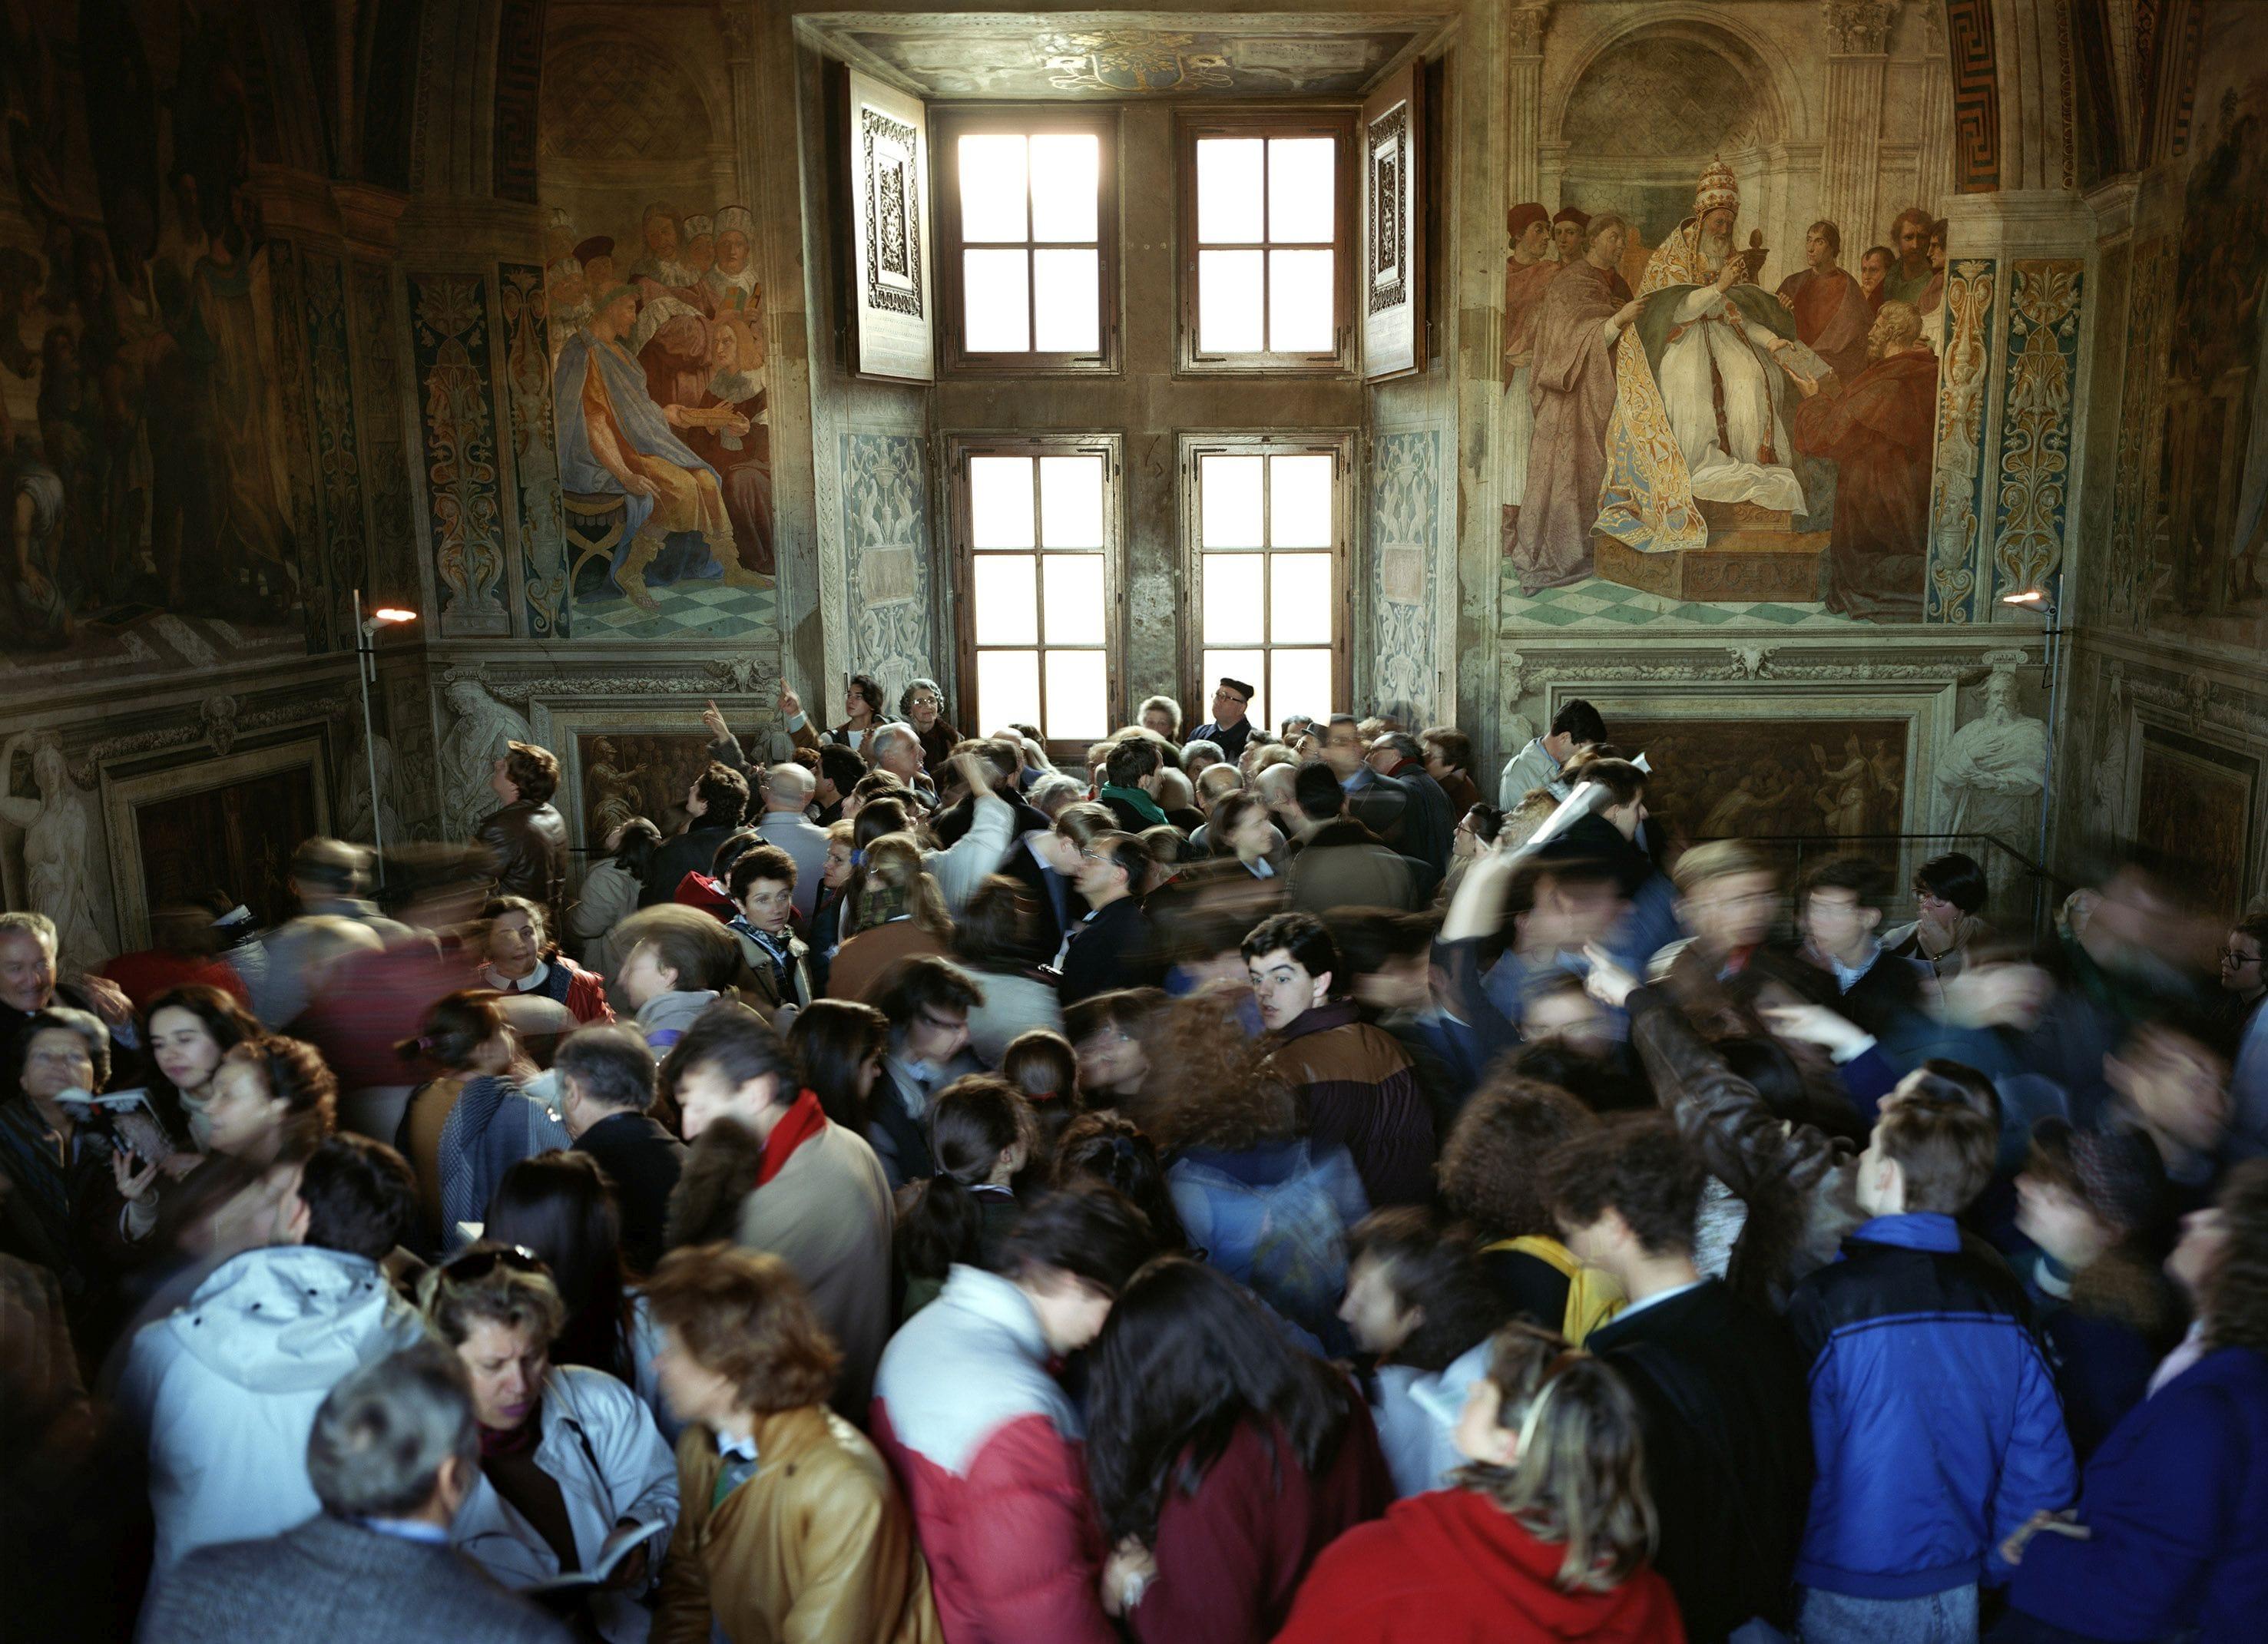 Folla di persone nelle Stanze di Raffaello dei Musei Varicani